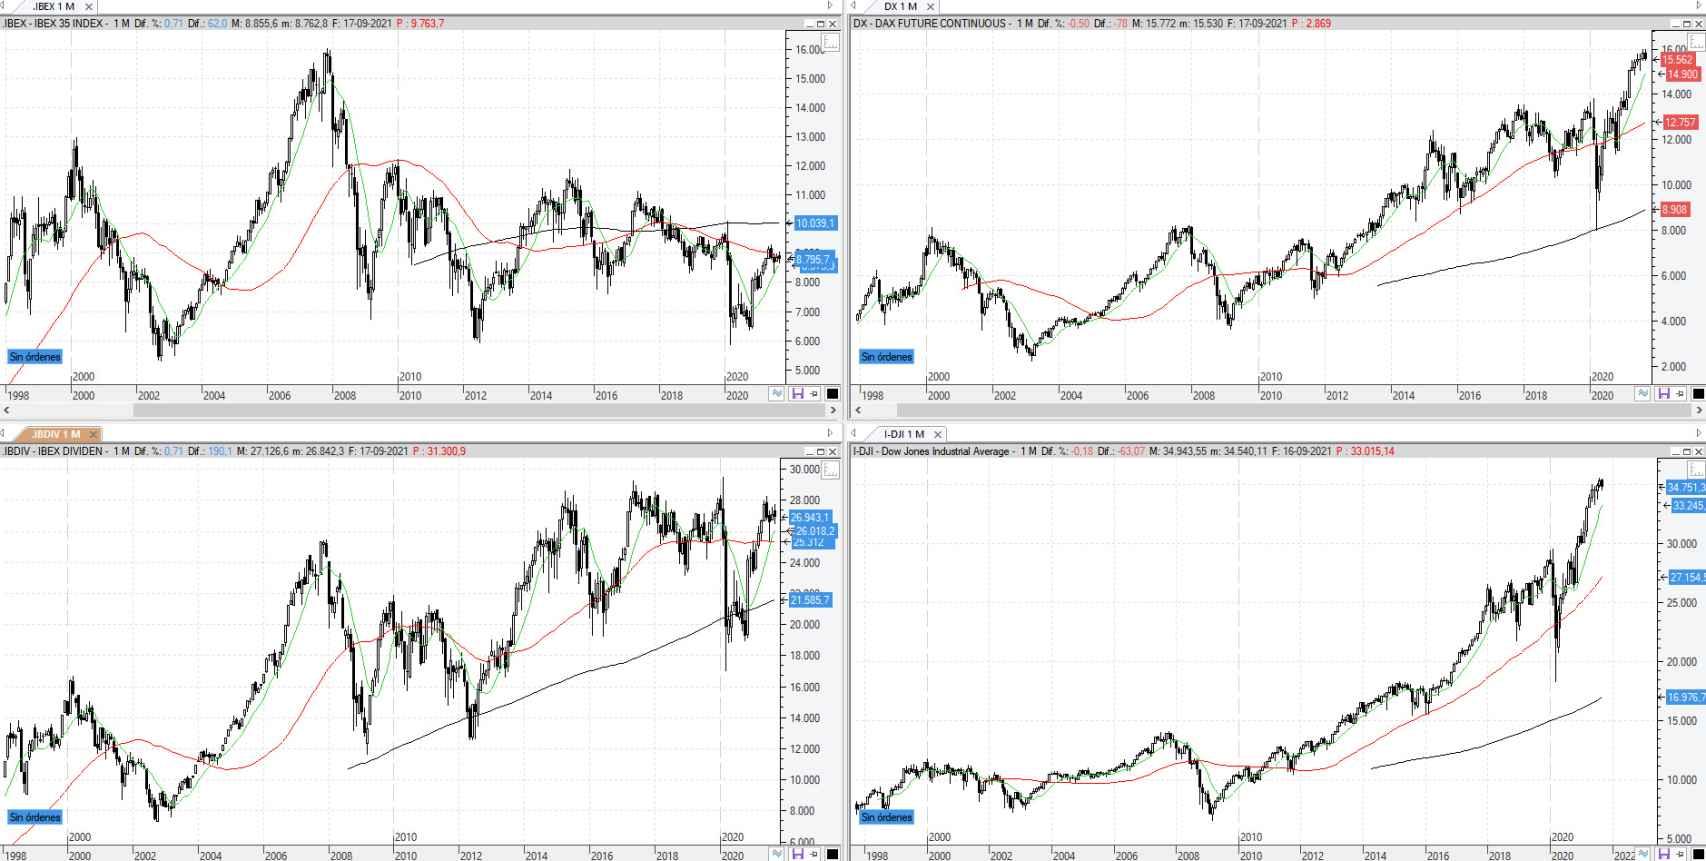 Comparativa entre el Ibex, Ibex Dividendos, Dax y Dow Jones